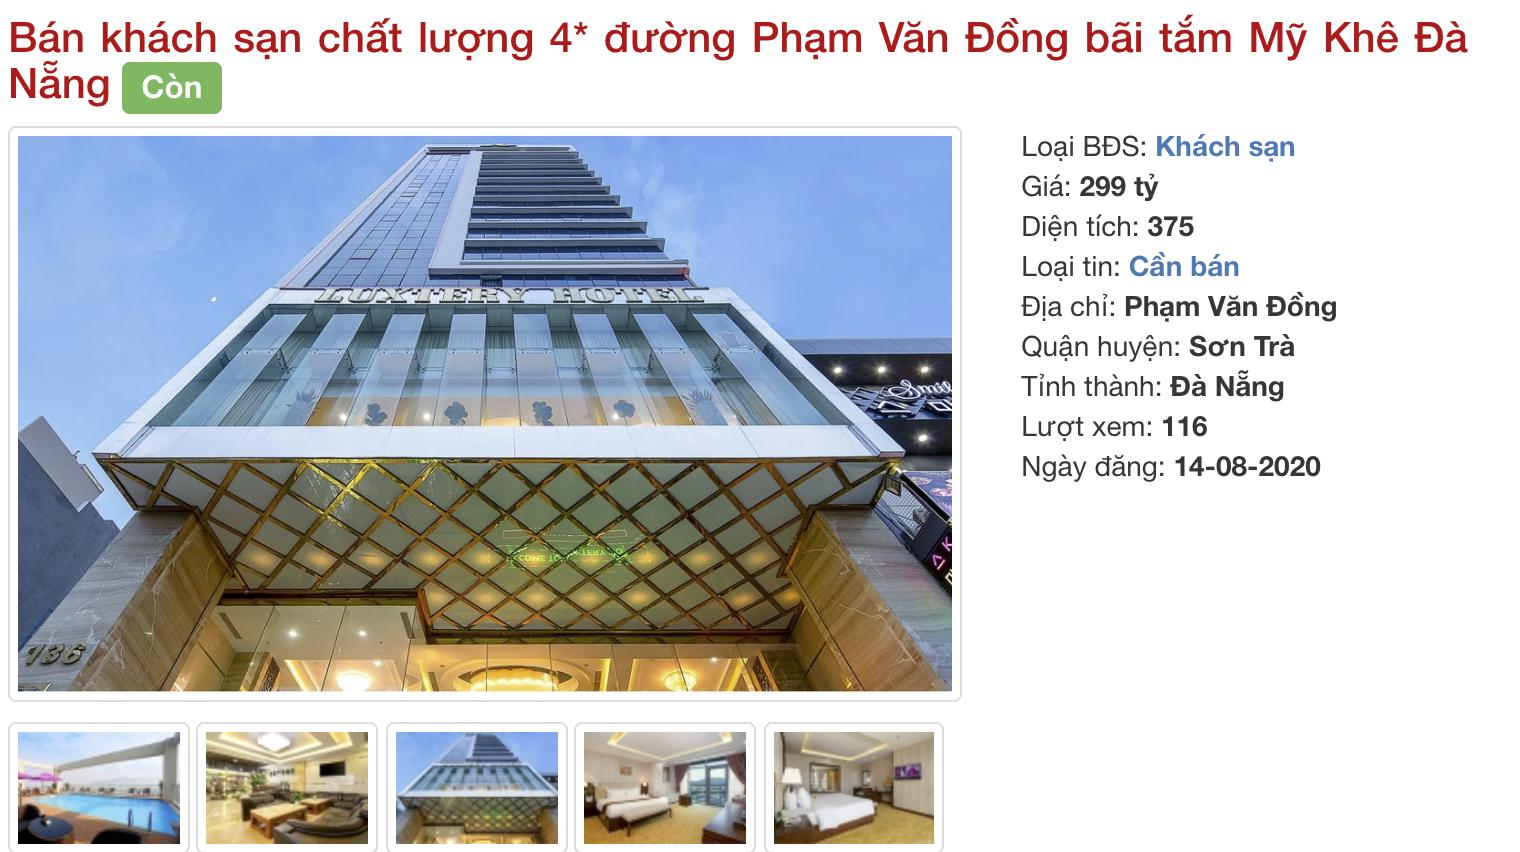 Phố khách sạn Đà Nẵng 'tối đèn', rao bán hàng trăm tỉ đồng - Ảnh 14.